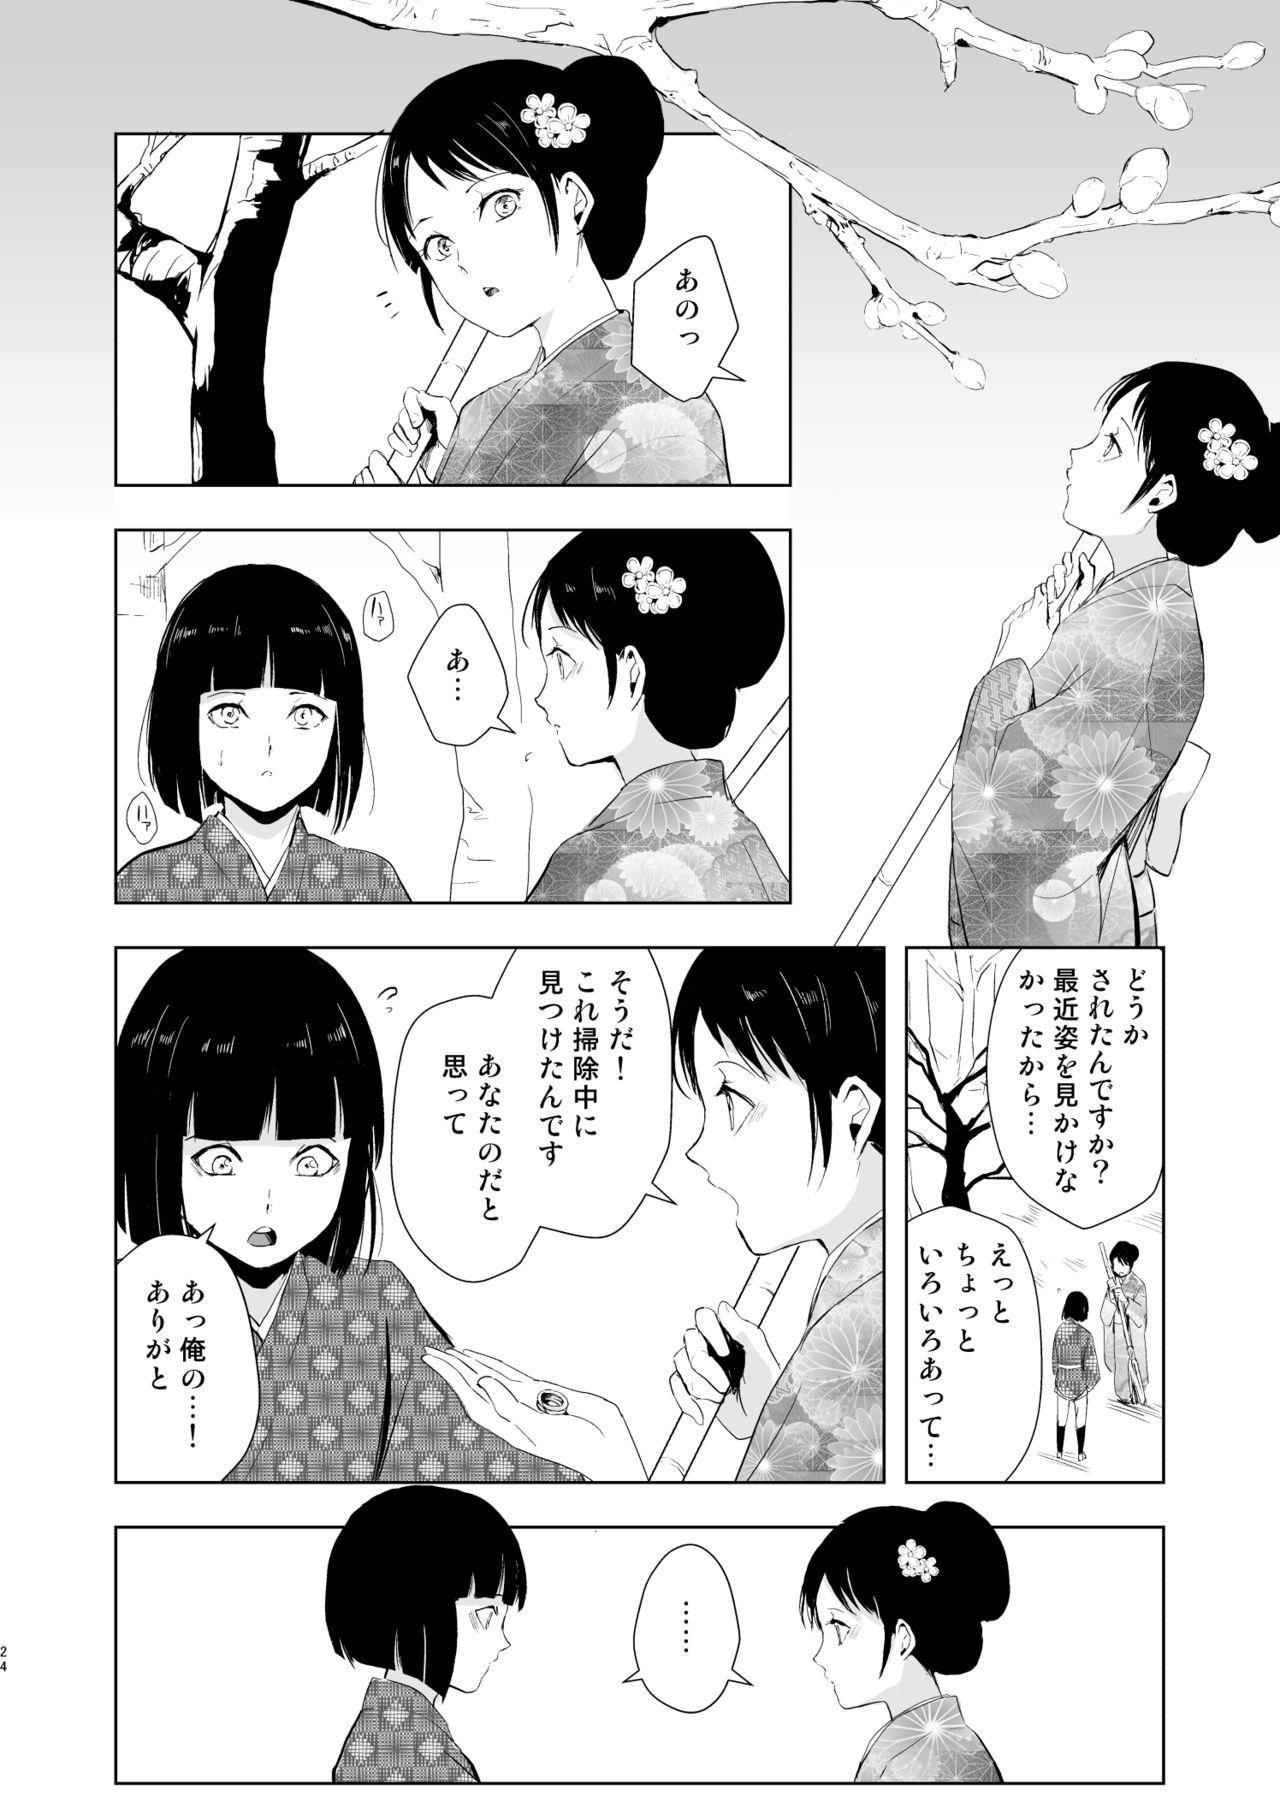 Umugairou Sairokubon 2 24